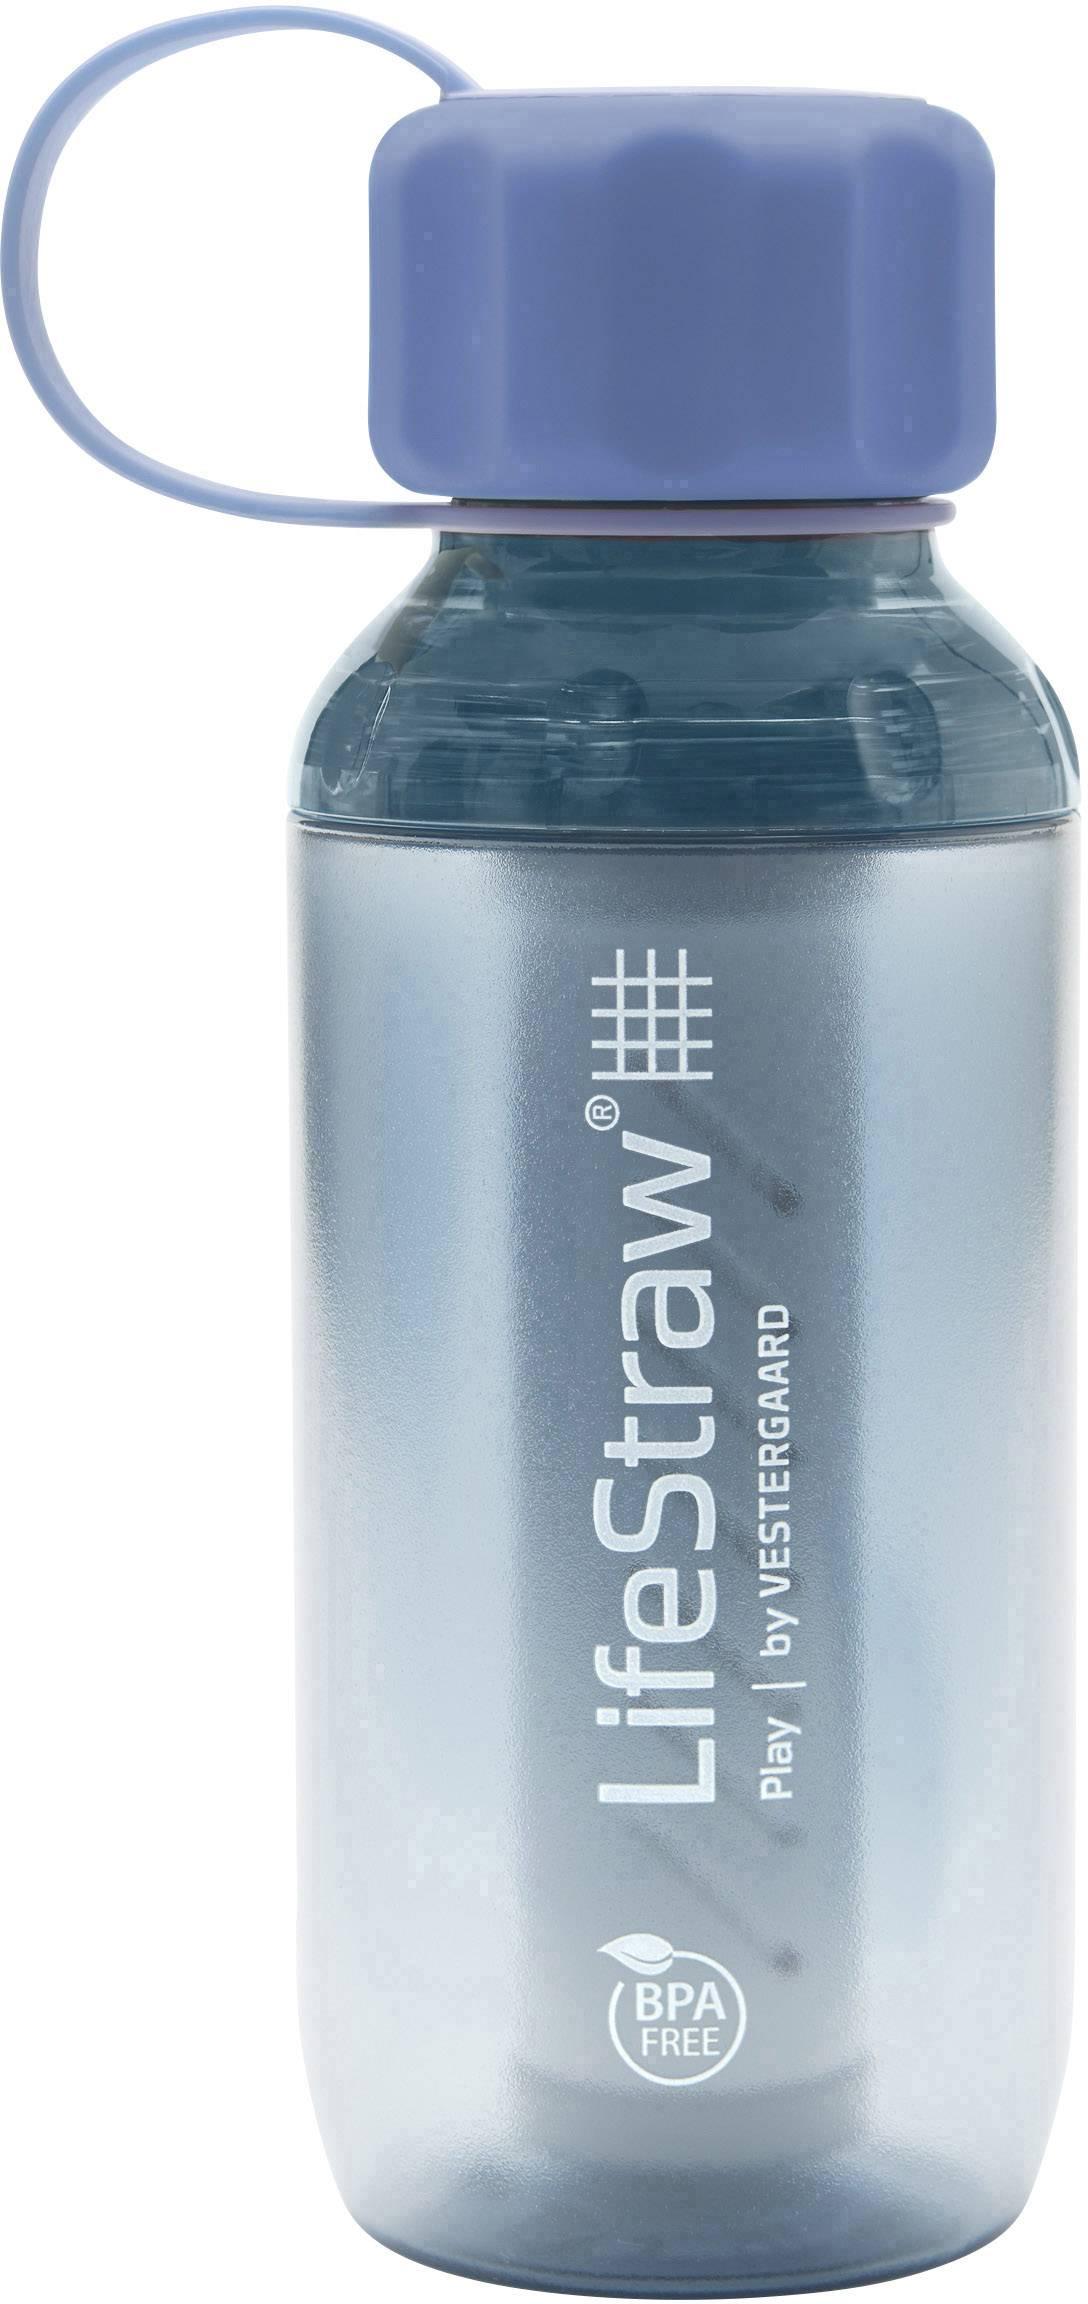 LifeStraw vodní filtr plast 006-6002127 Play 2-Stufig (sky)